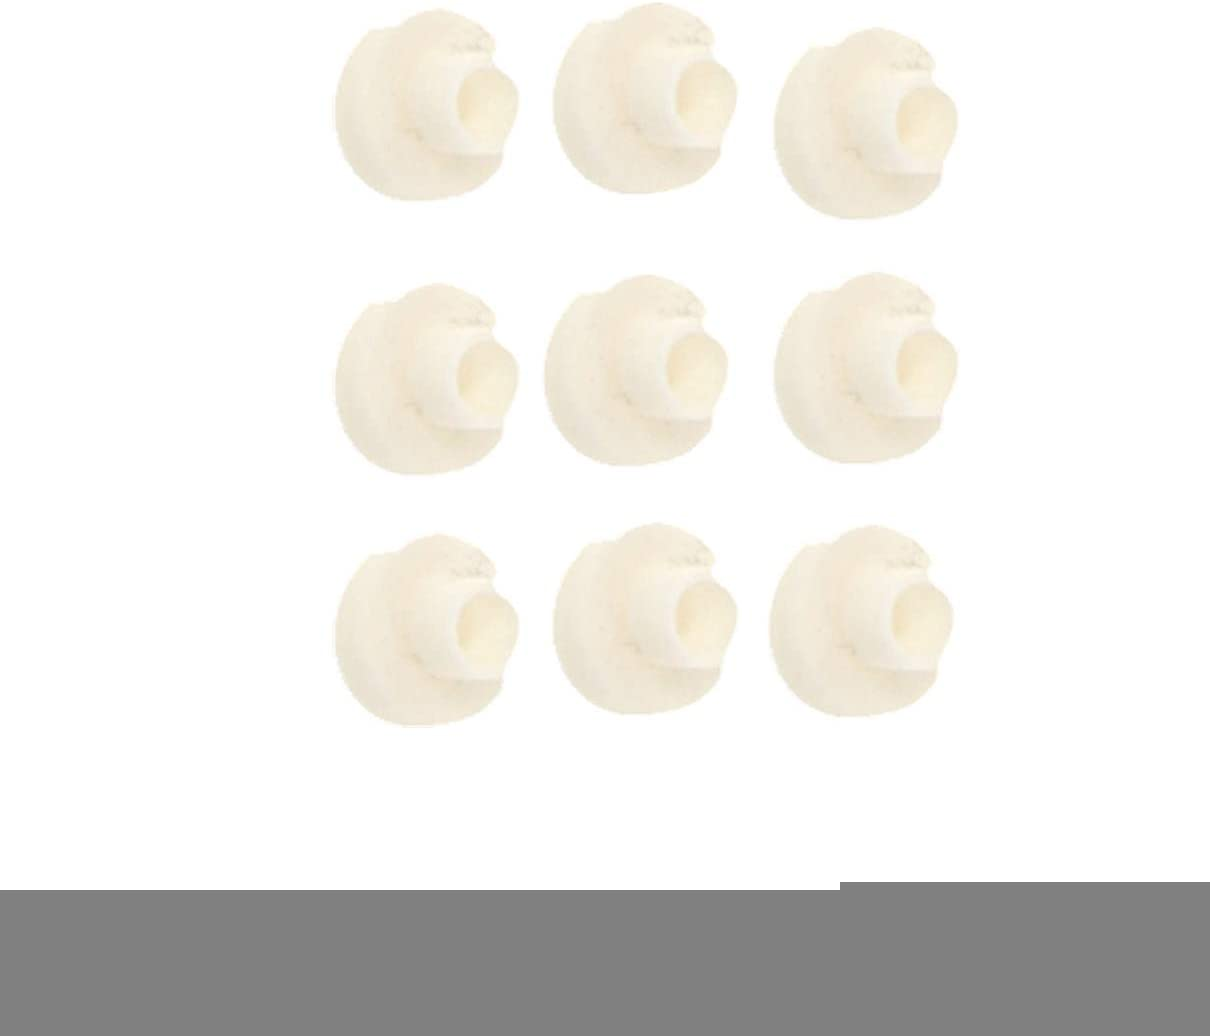 para transistor TO-3 model: V5596IIVI-9032WA Aexit Junta de arandela de aislamiento de 1000 piezas